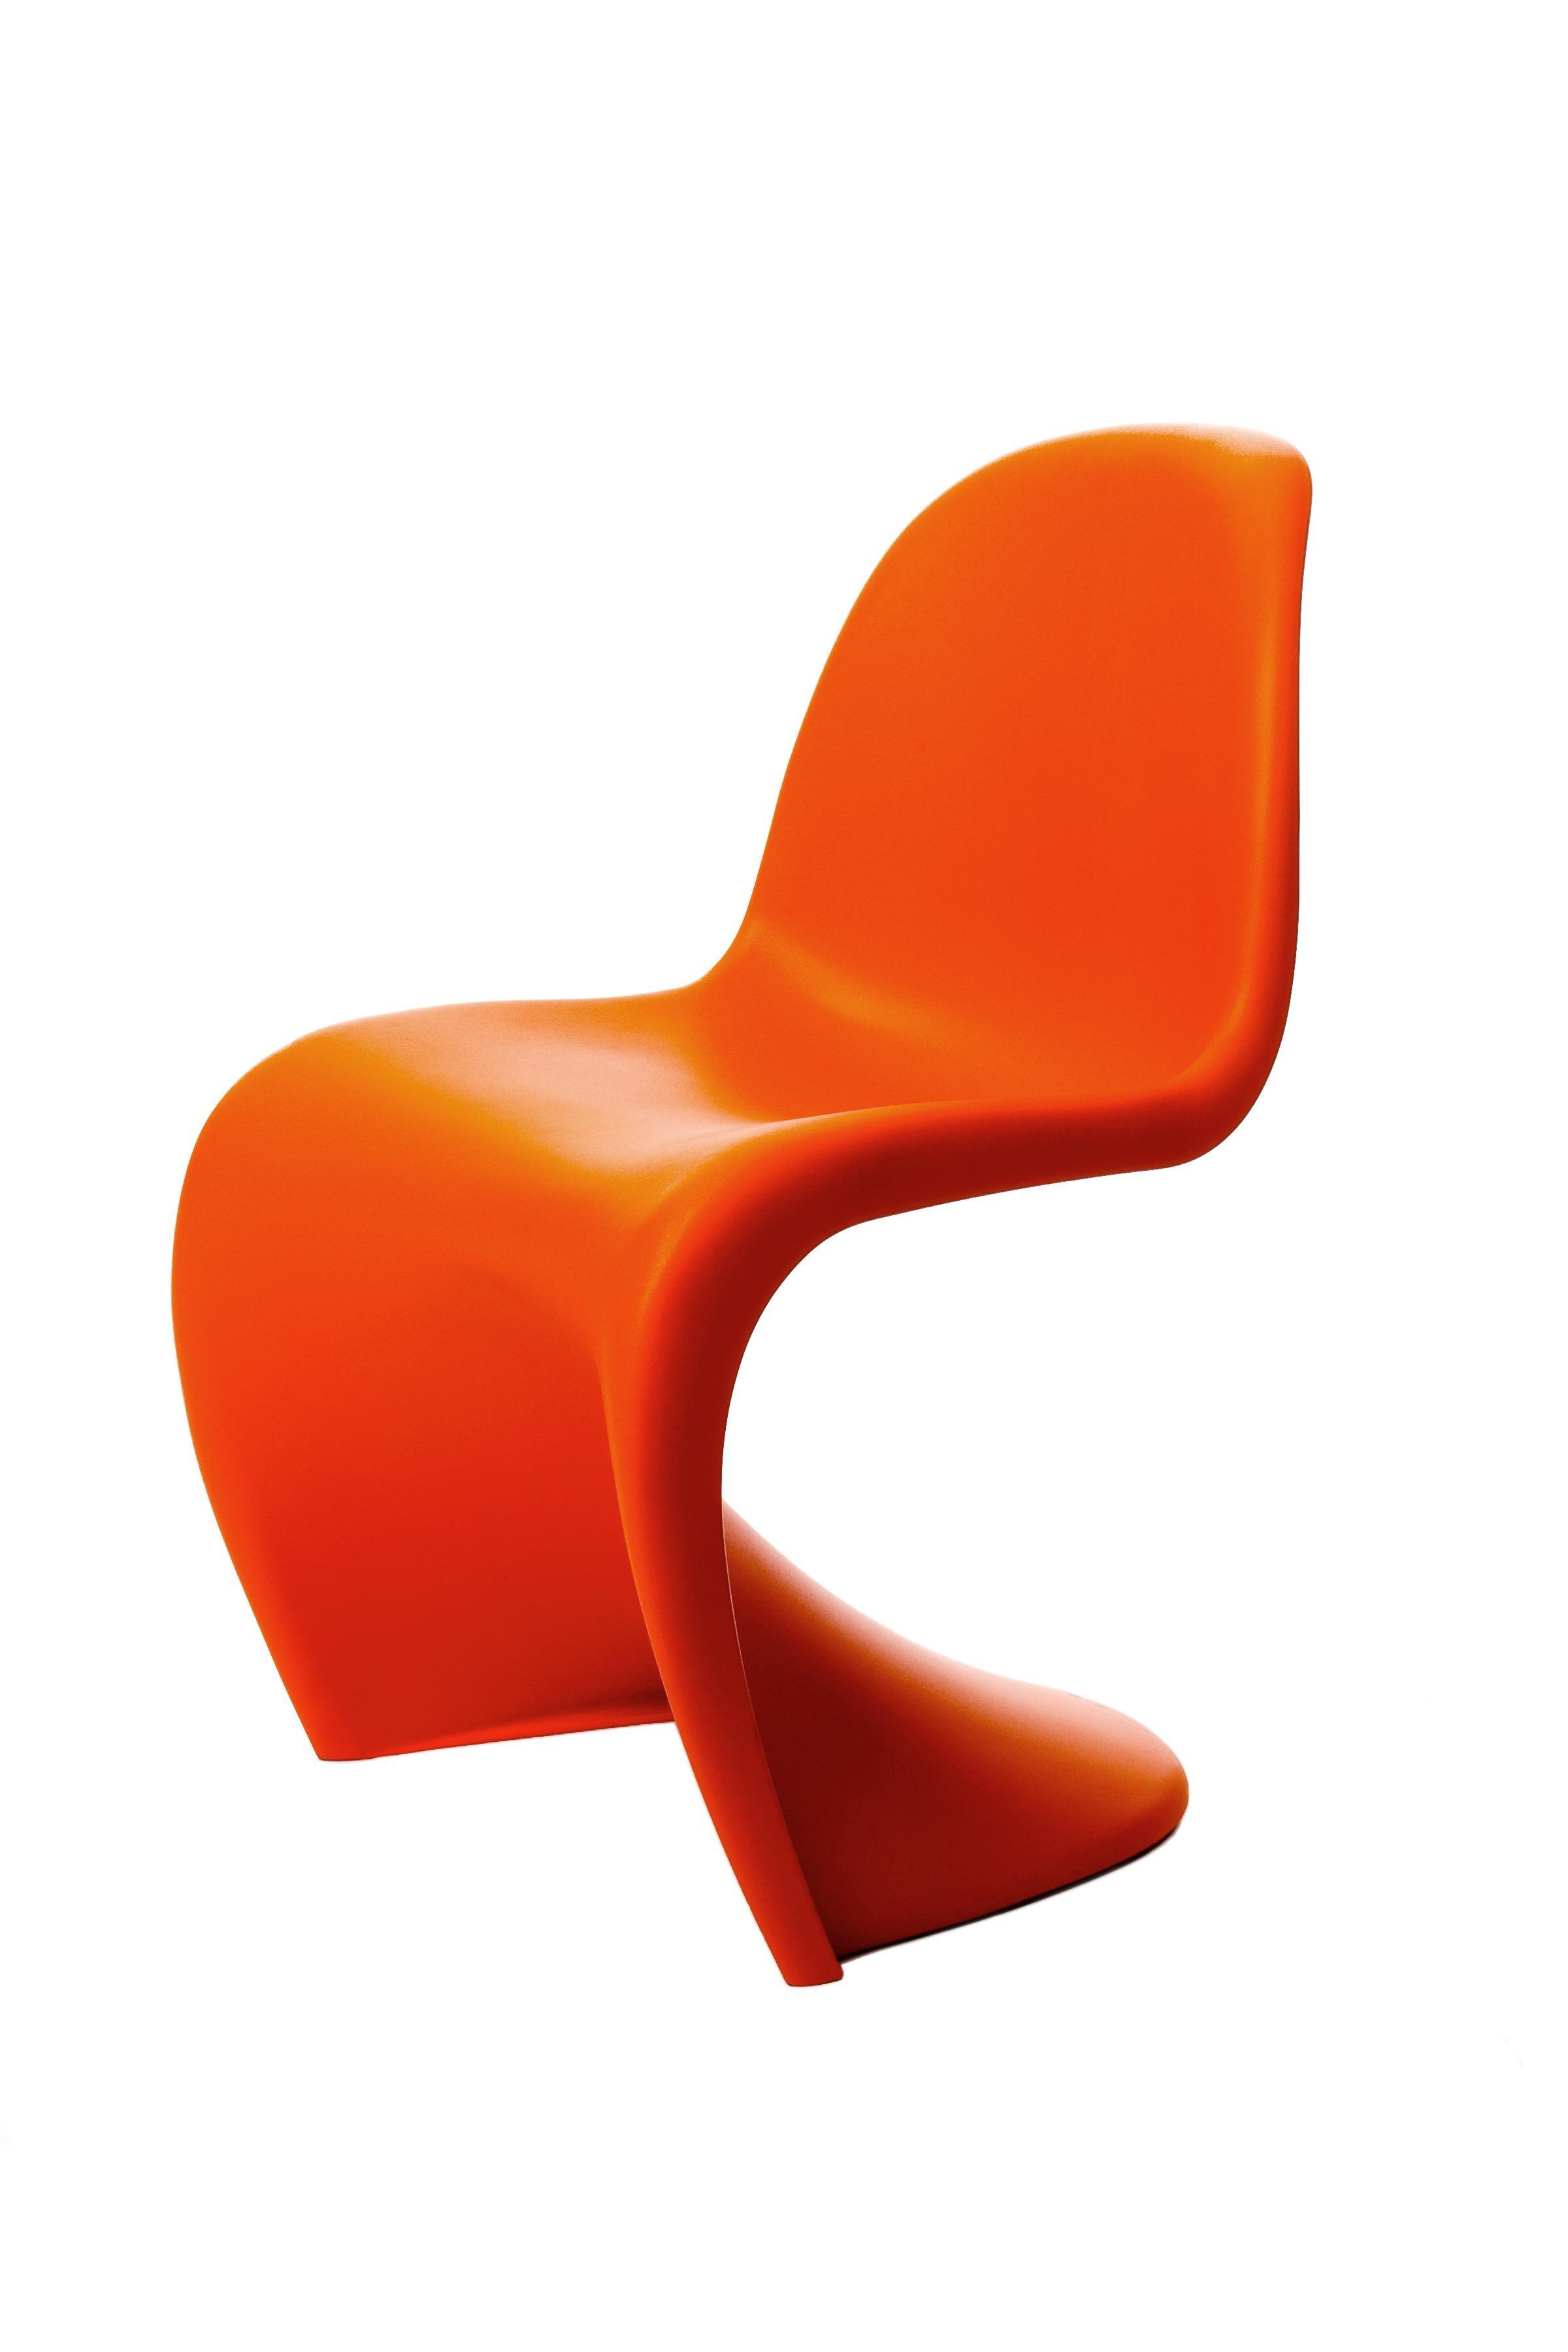 Vitra Panton Chair In Tangerine By Verner Panton